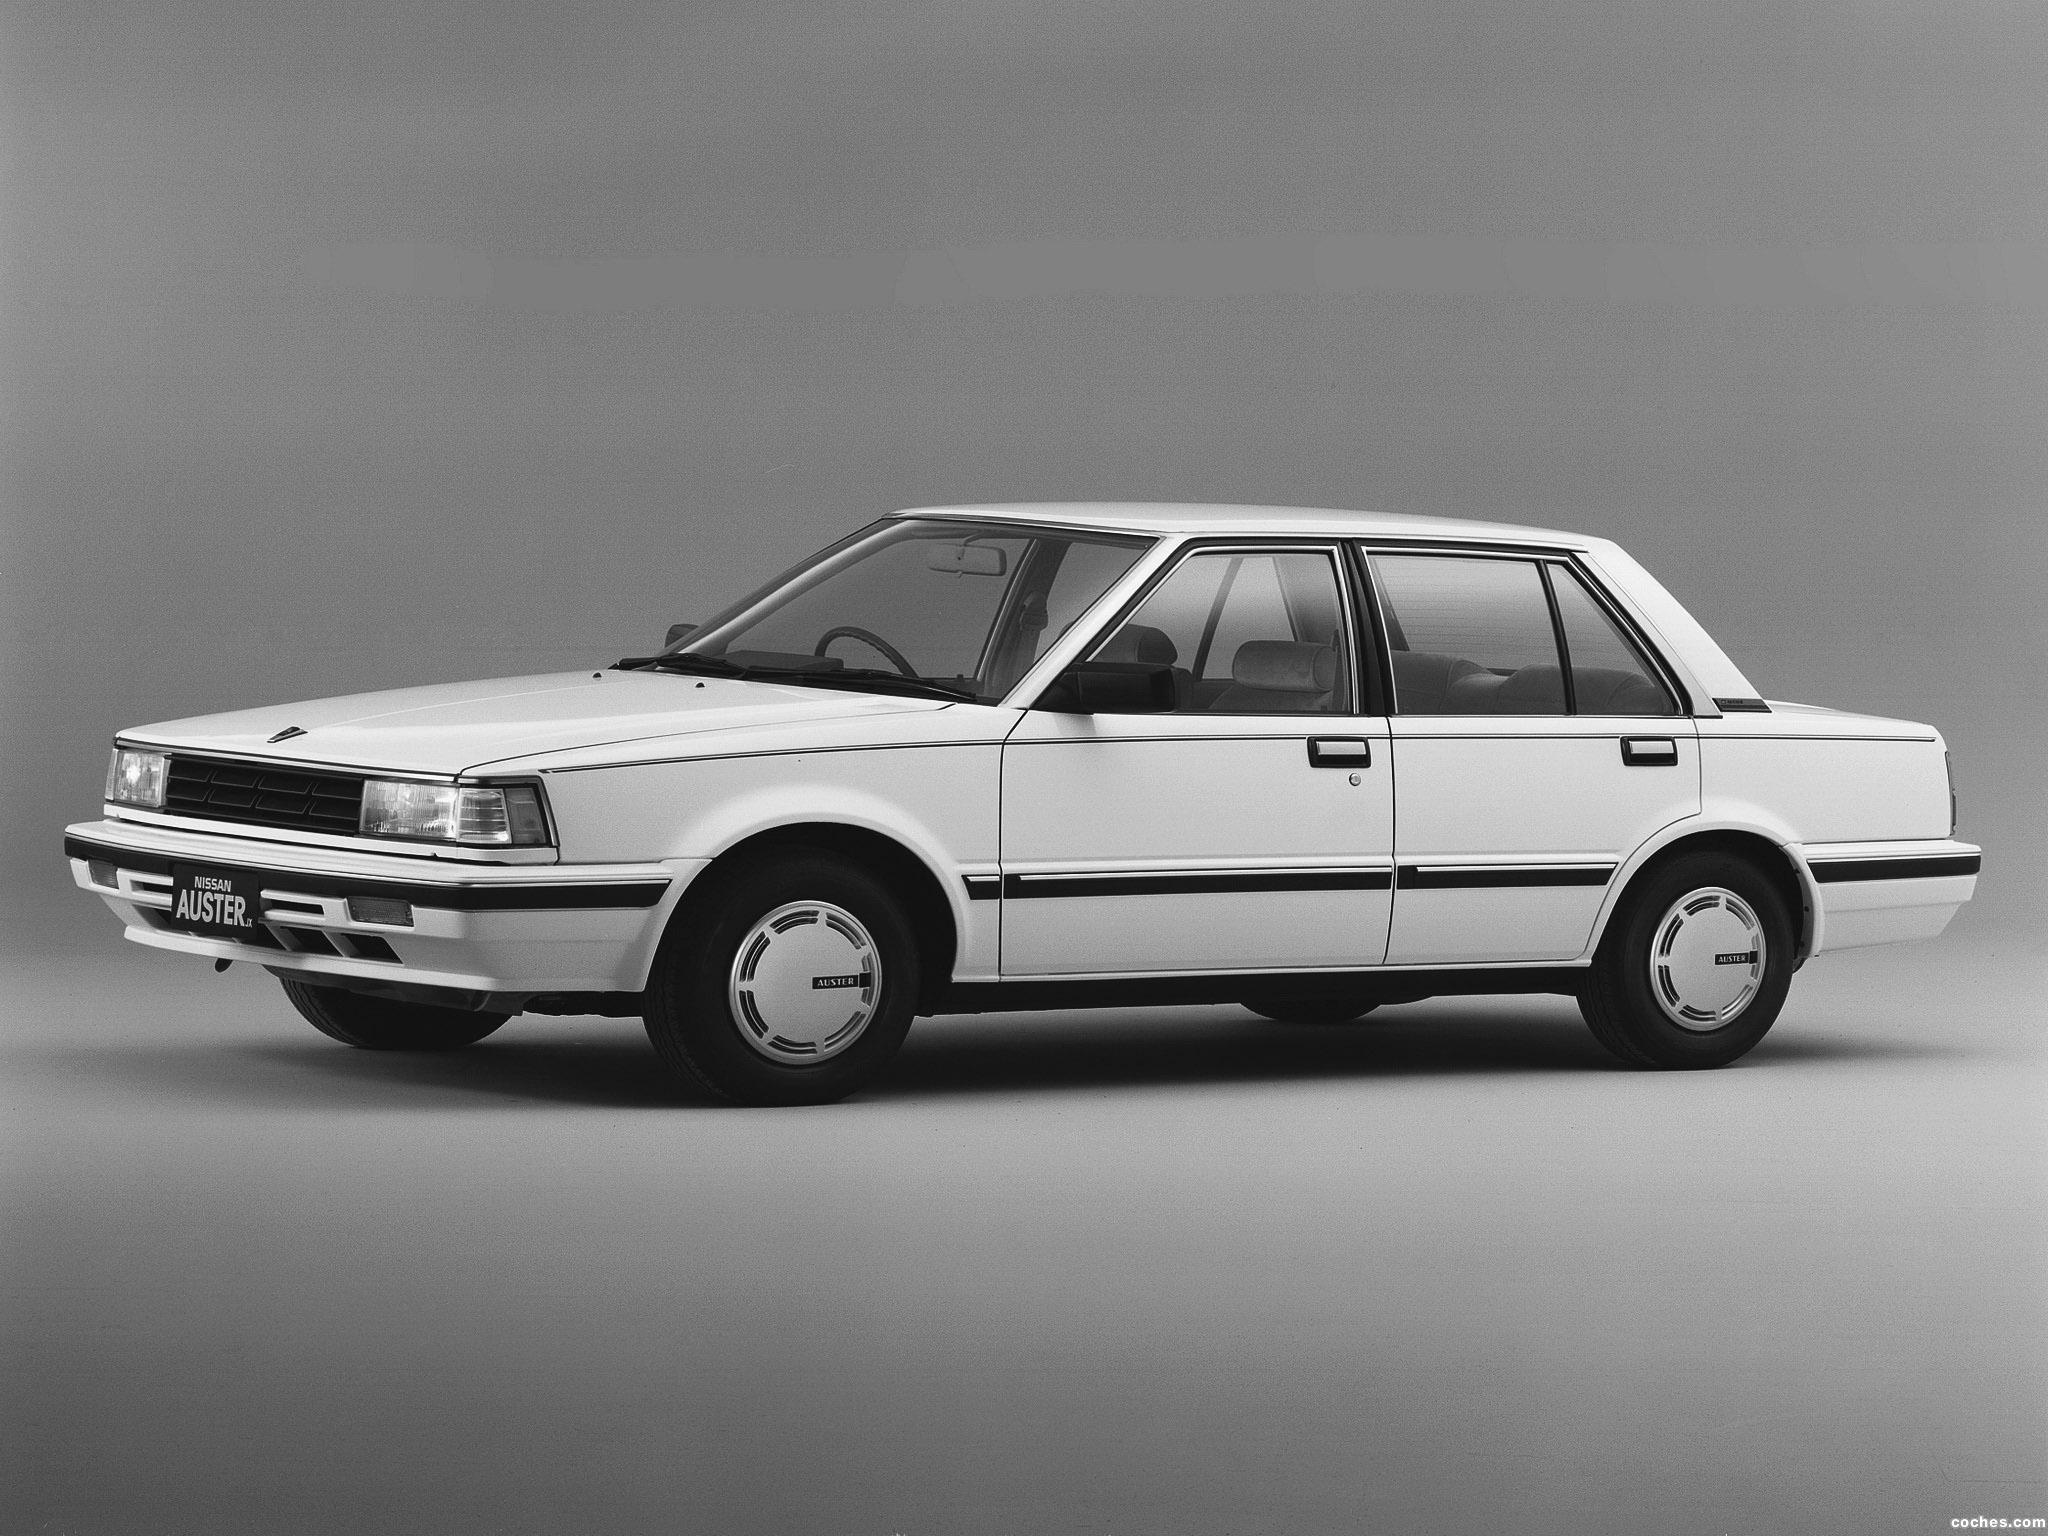 Foto 0 de Nissan Auster JX 1800 GT EX 1983